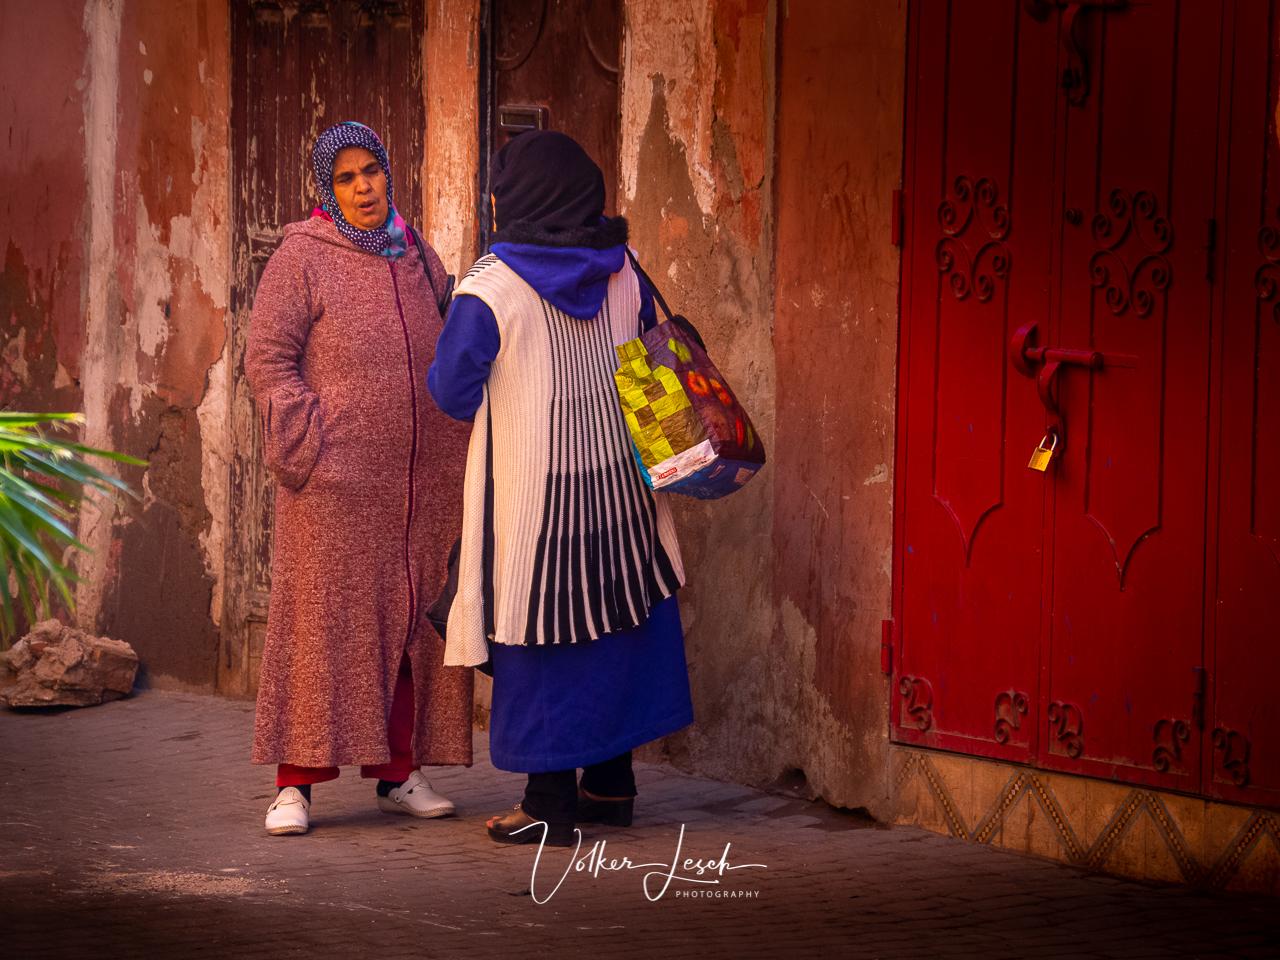 Marokko - Platz an der Moschee Ben Salah Marrakesch